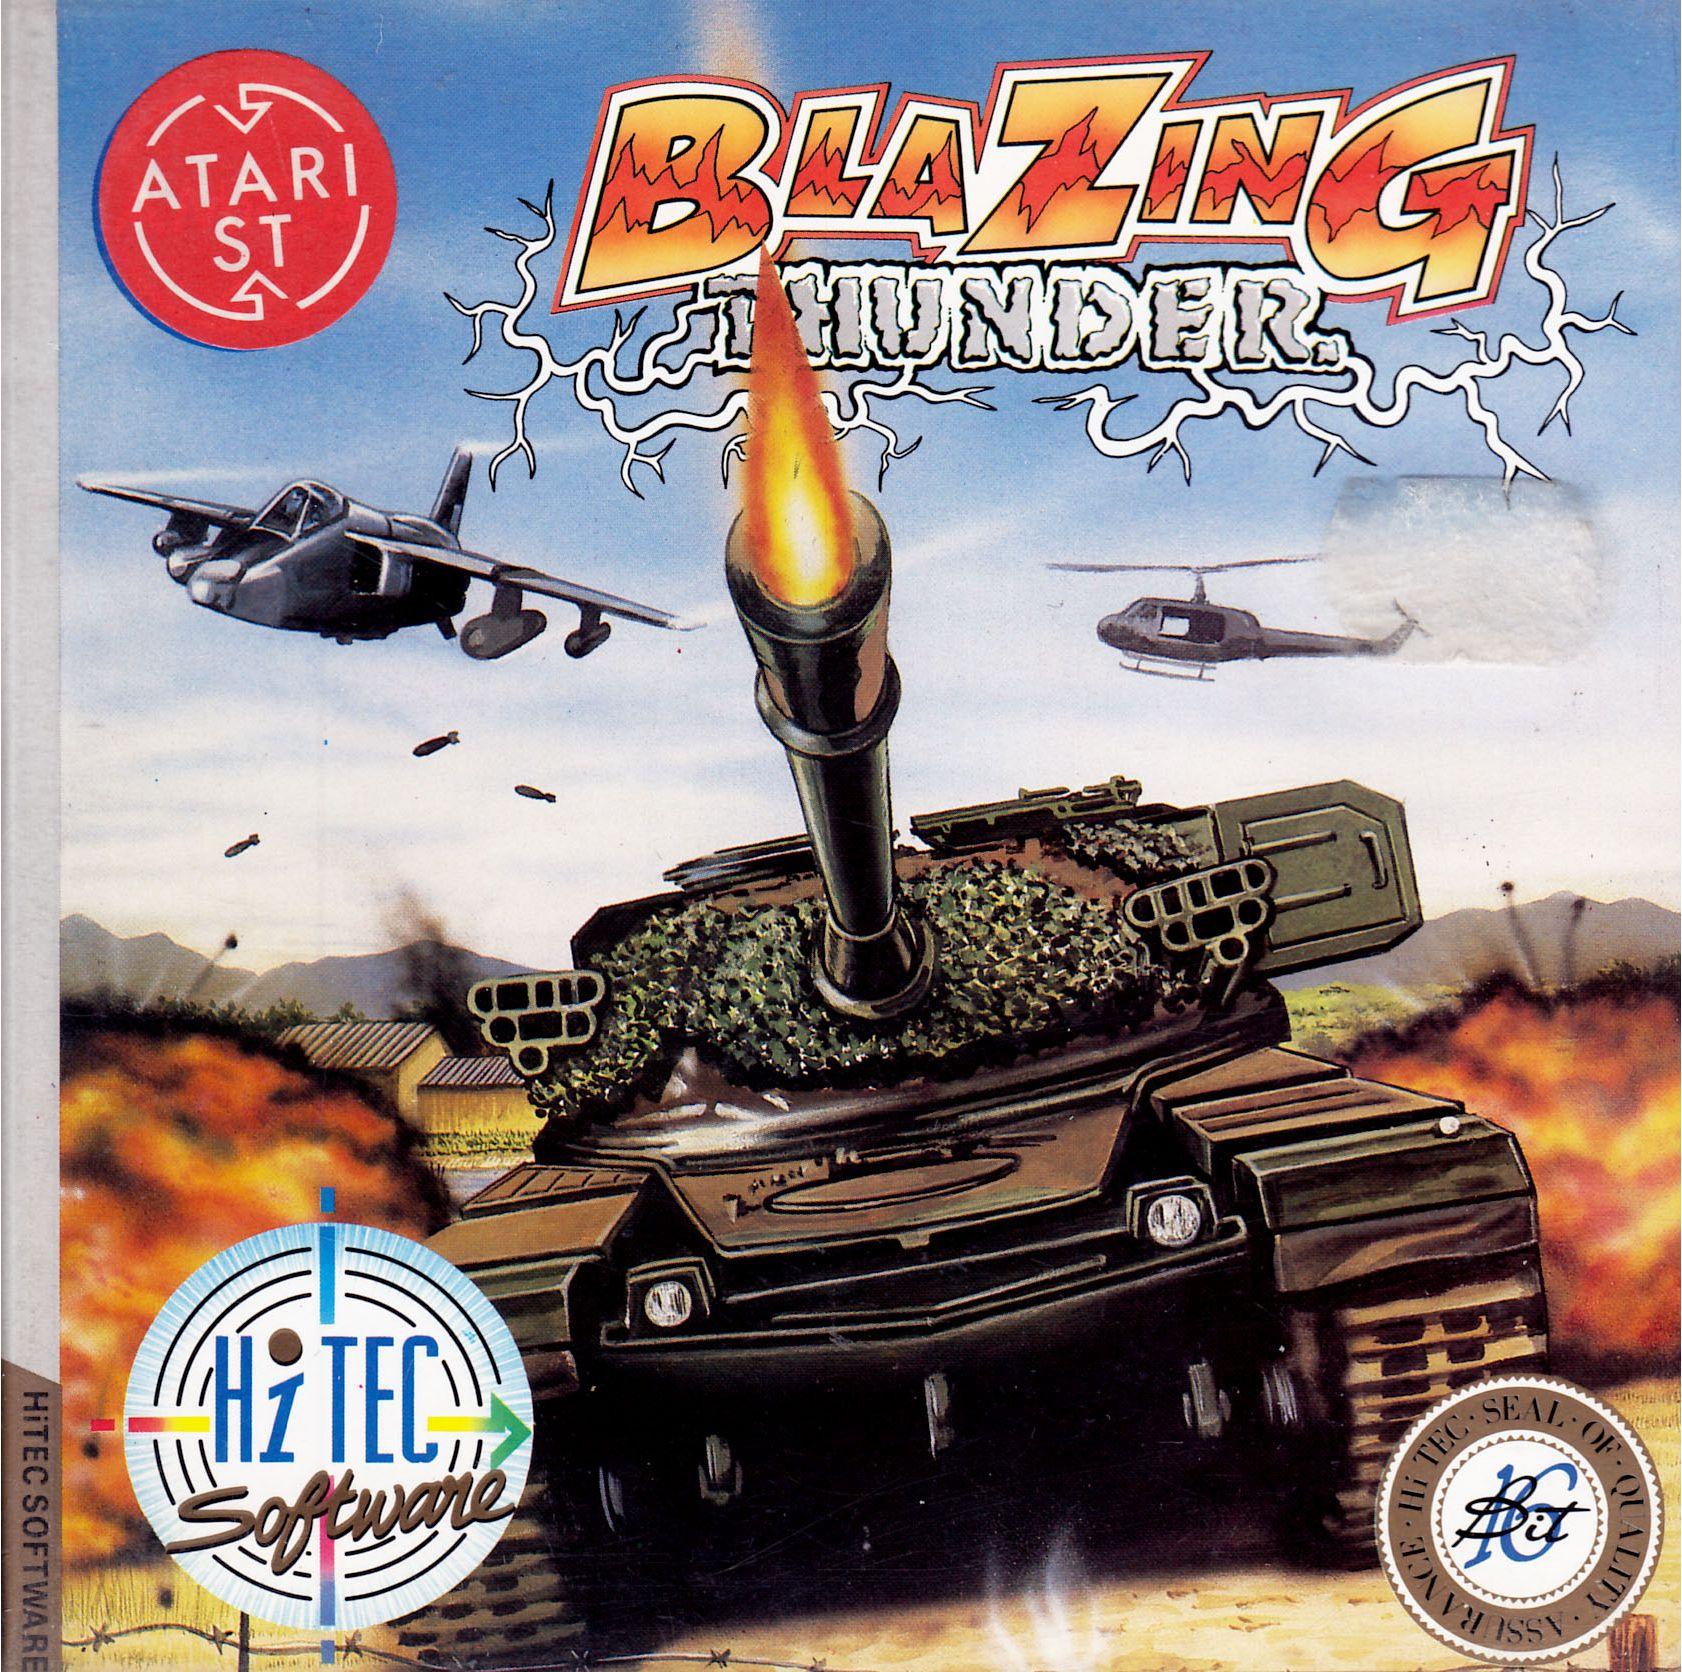 http://www.retrogamingworld.co.uk/images/thumbnails/1682/1672/detailed/17/Blazing_thunder_atari_ST_front_cover.jpg